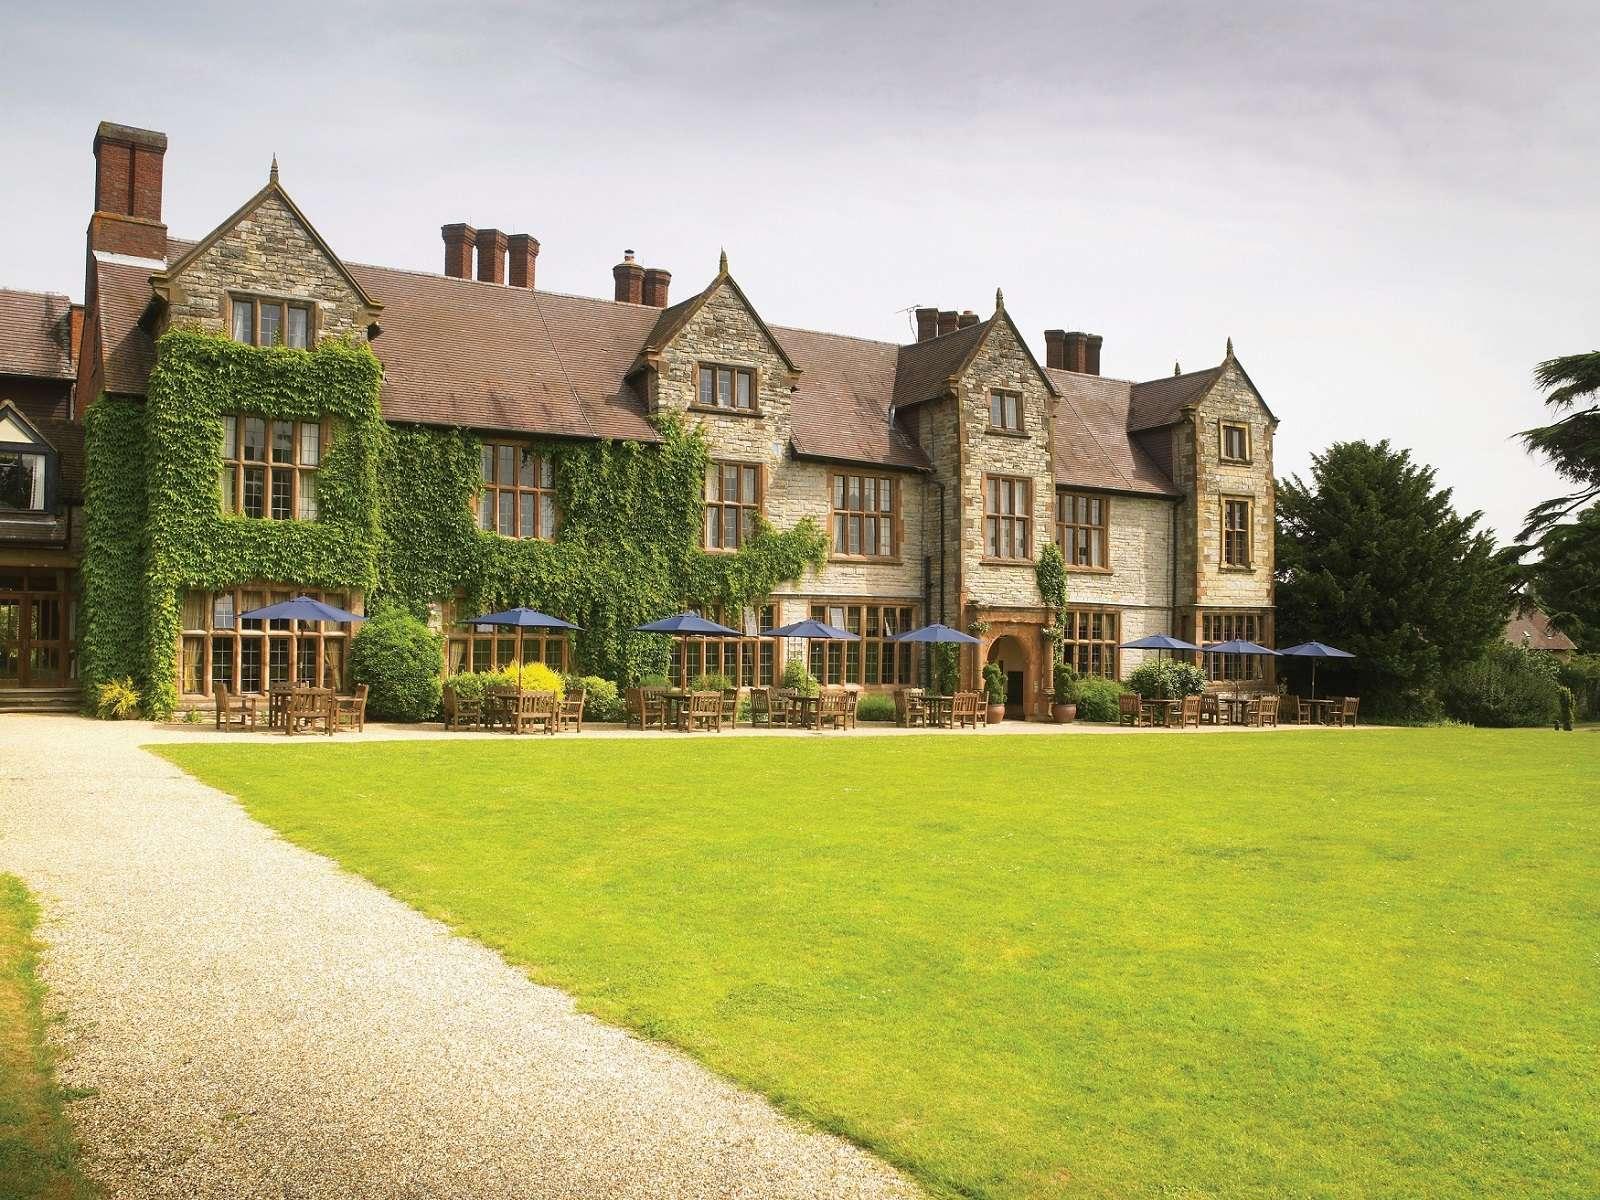 1461268756_tmp_The_Billesley_Manor_Hotel.jpg